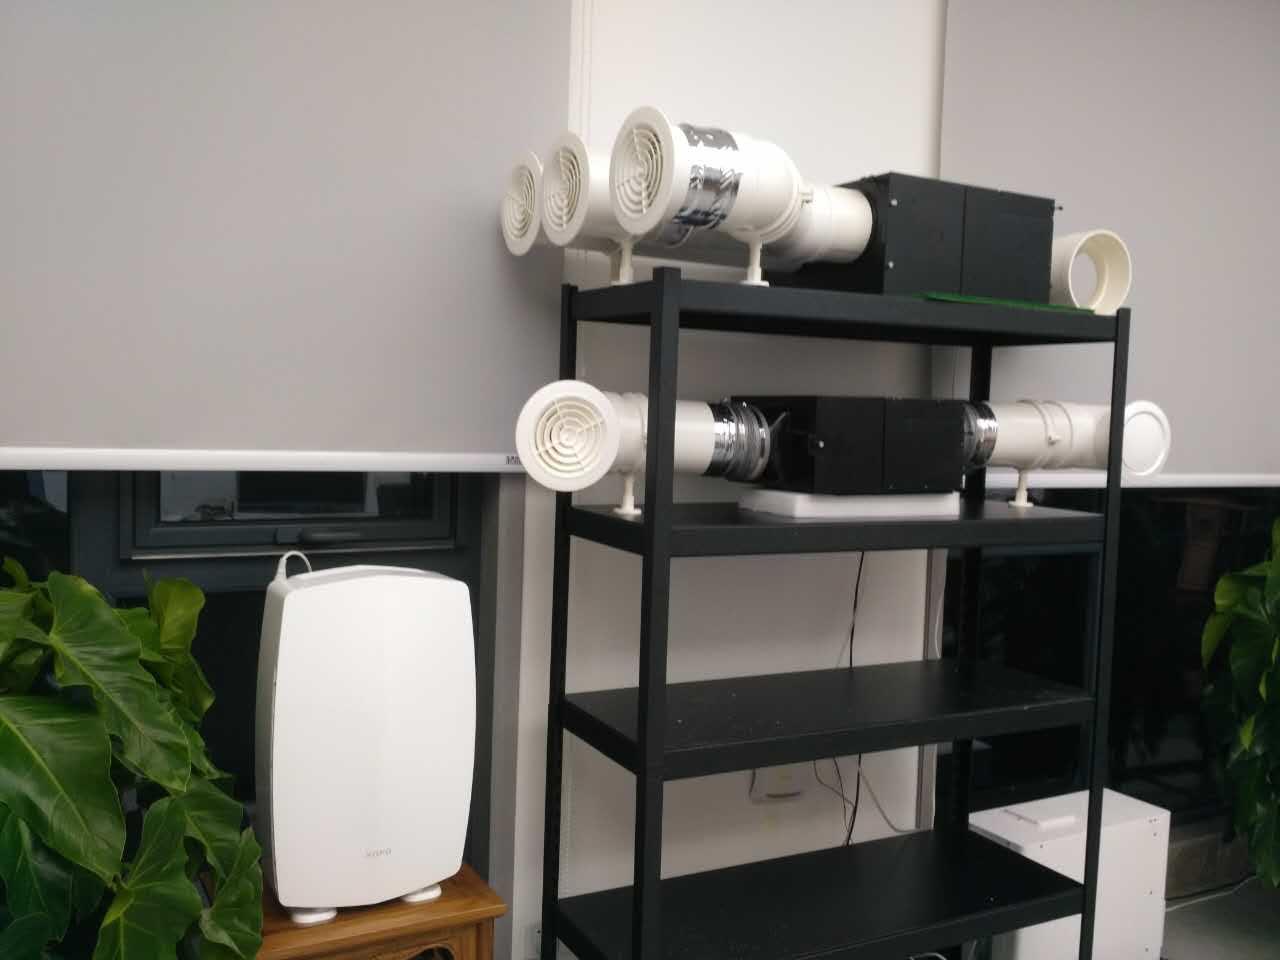 靠谱的空气净化器推荐-空气净化器厂商